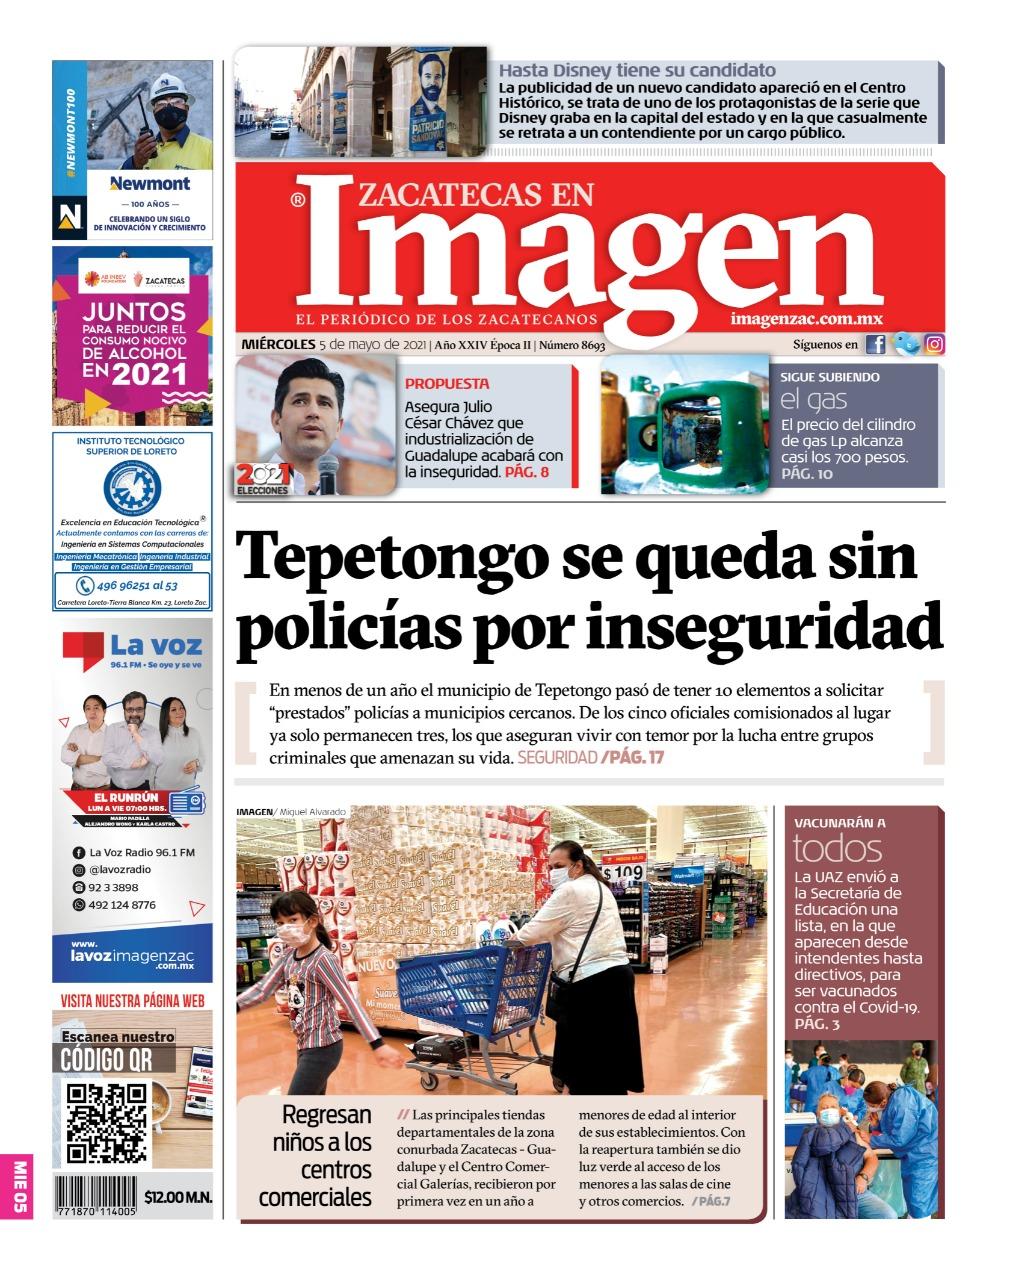 Imagen Zacatecas edición del 05 de mayo del 2021